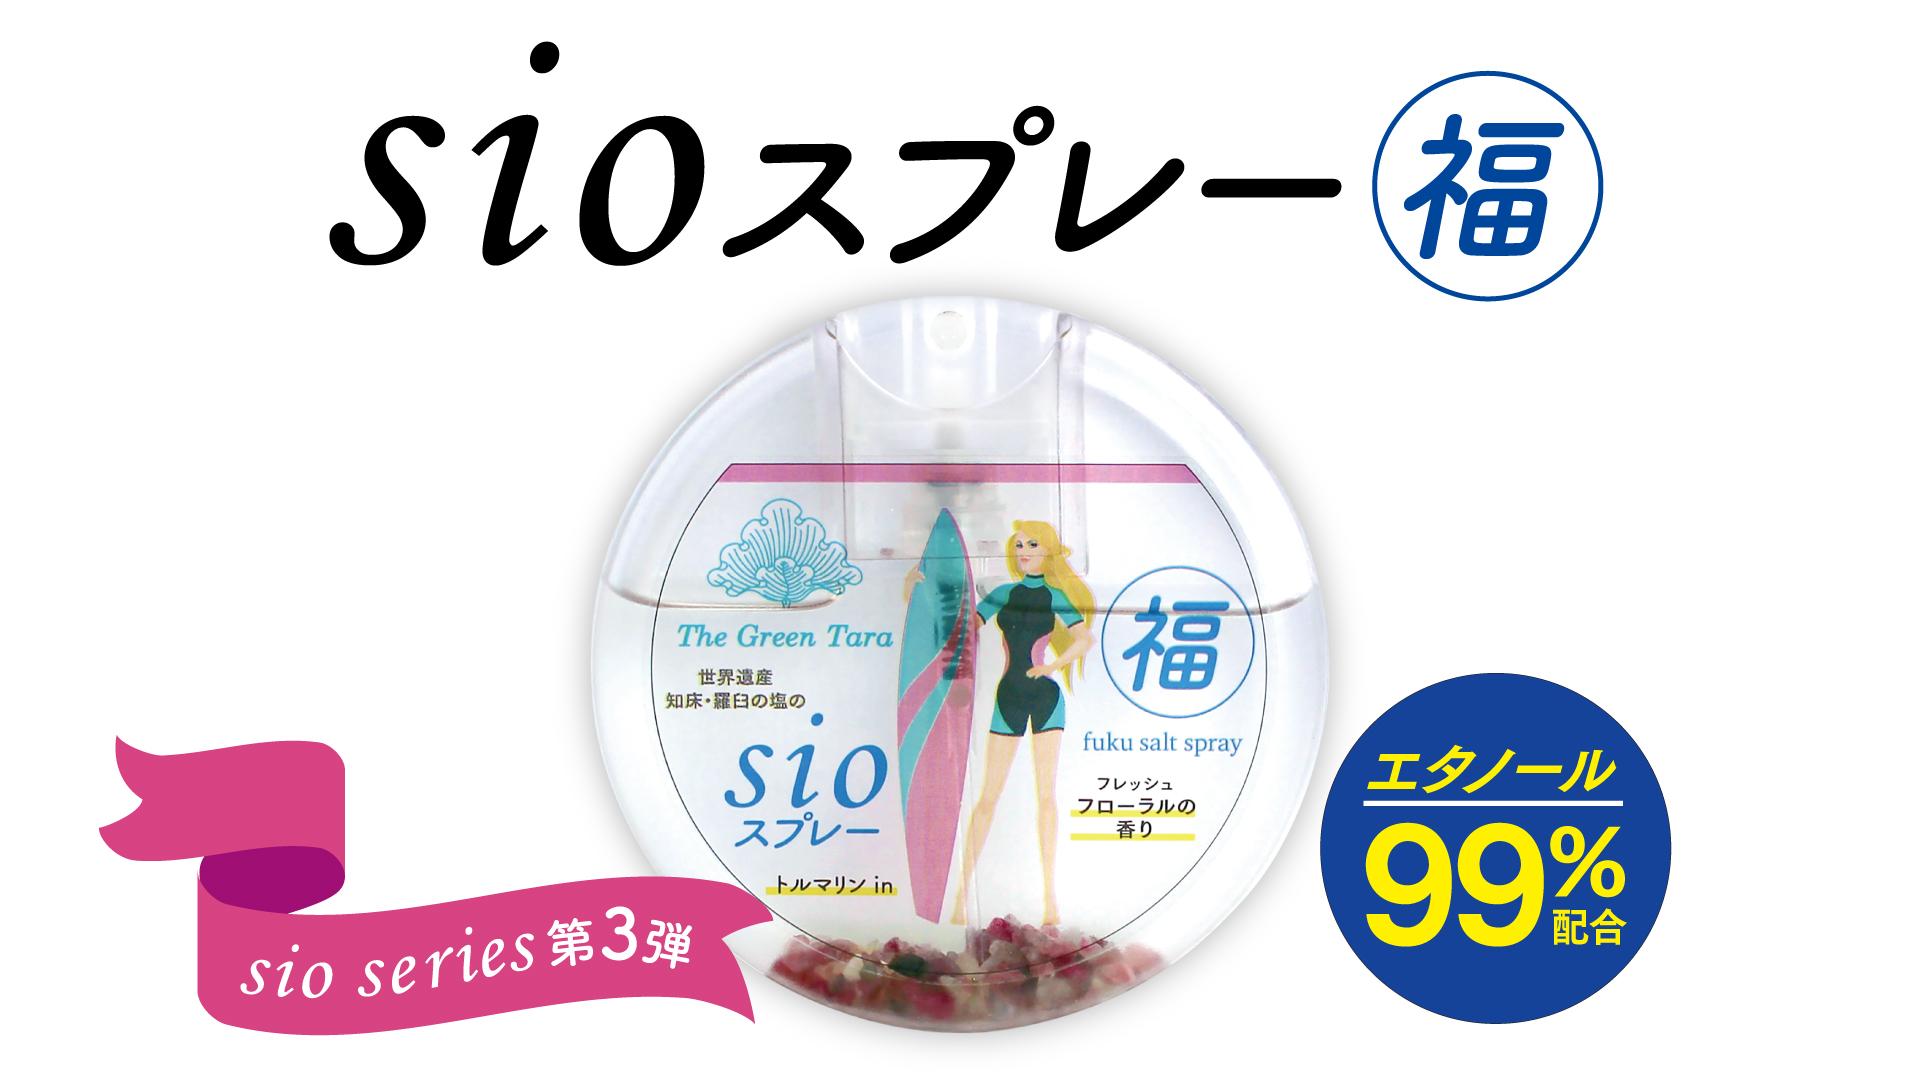 1F ザ・グリーンターラ 【新商品】[6月1日発売!]sioスプレーにNEWフレグランスが登場!!